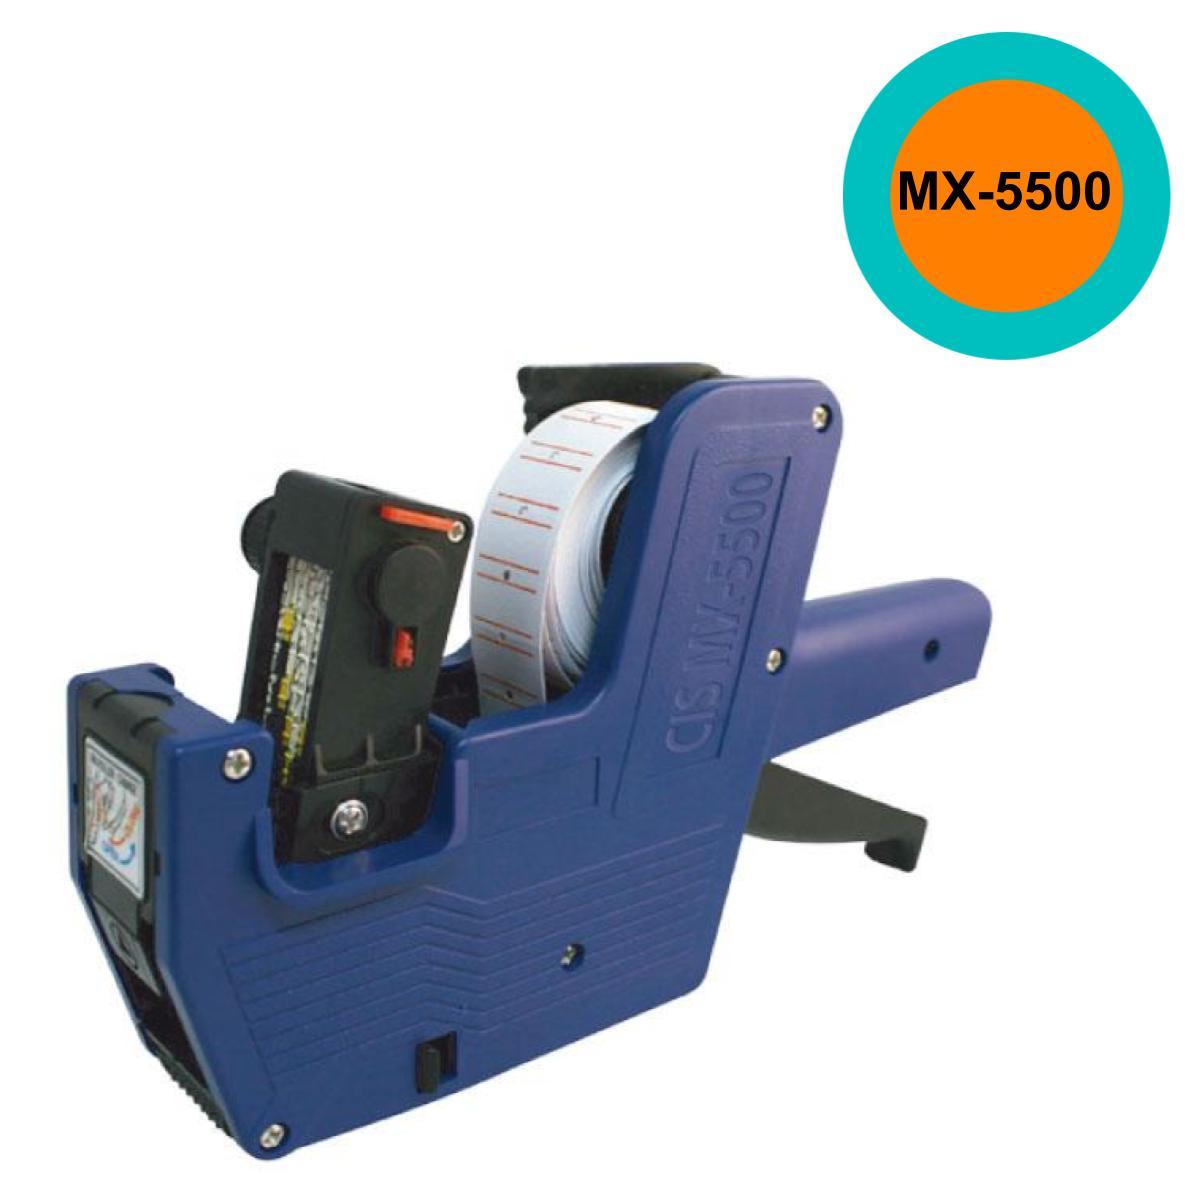 Etiquetadora MX-5500 Cis